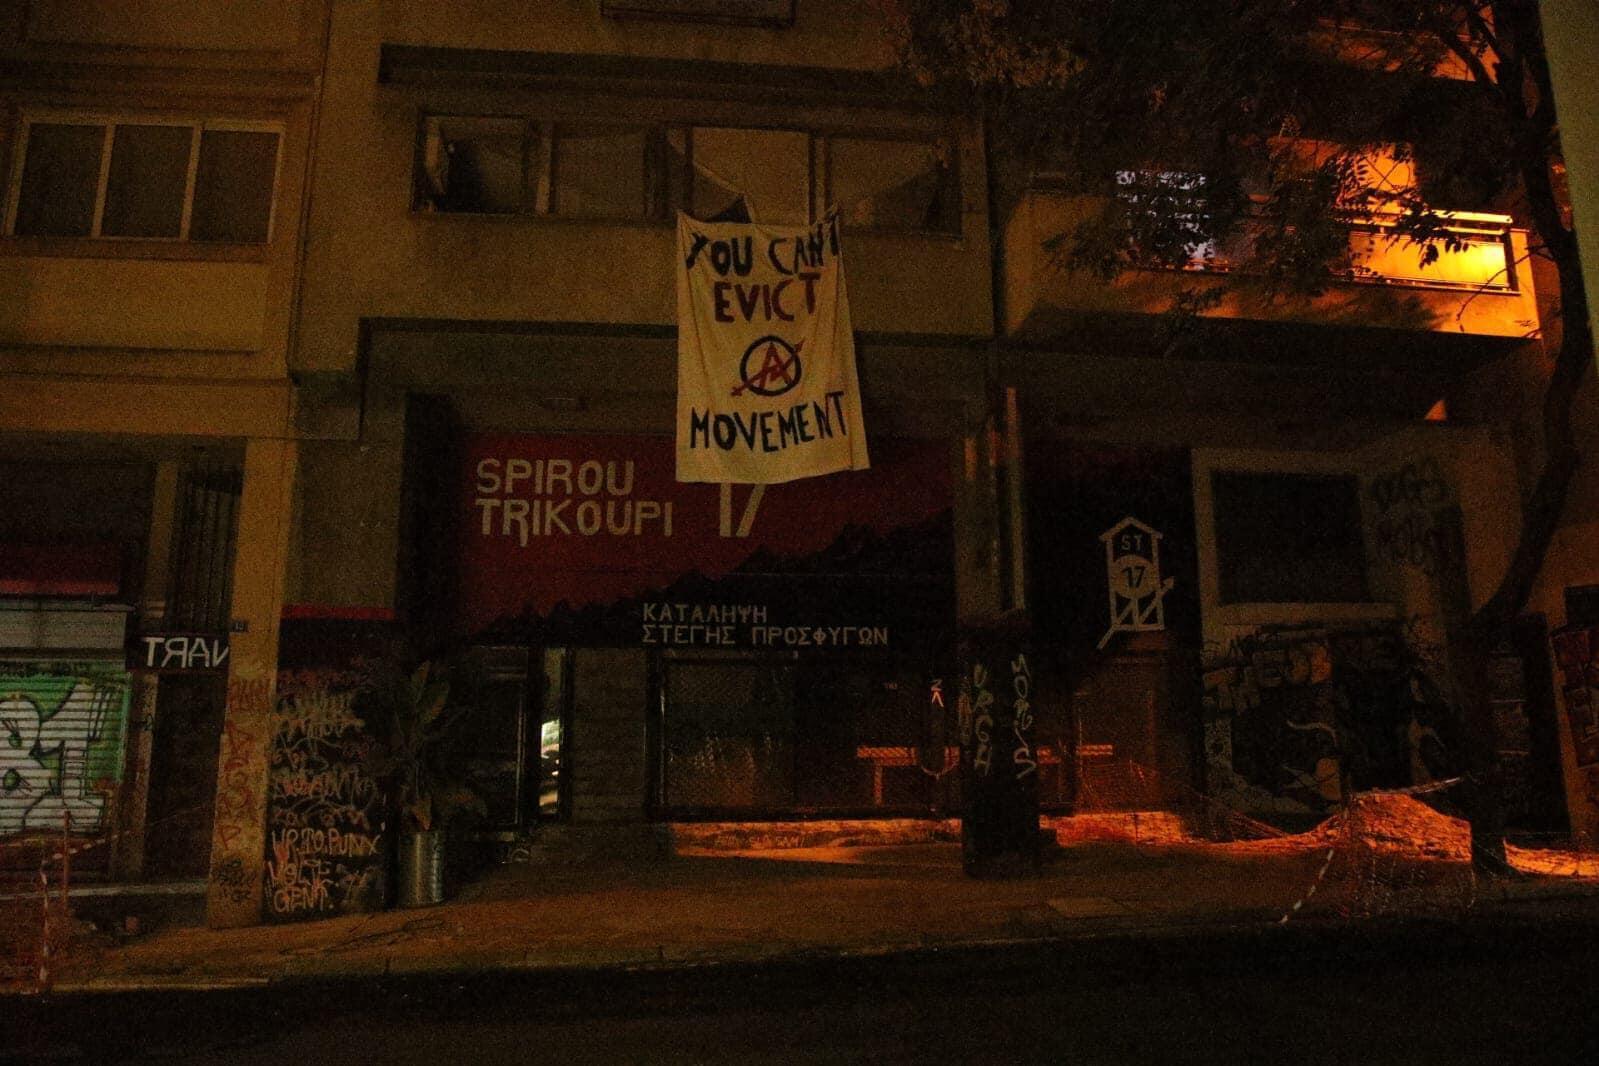 """Photo publiée par le collectif du squat Spirou Trikoupi 17 dans le quartier d'Exarchia, à Athènes. Le message, accroché après l'éviction des migrants, dit :""""You can't evict a movement"""" [Vous ne pouvez pas expulser un mouvement]."""